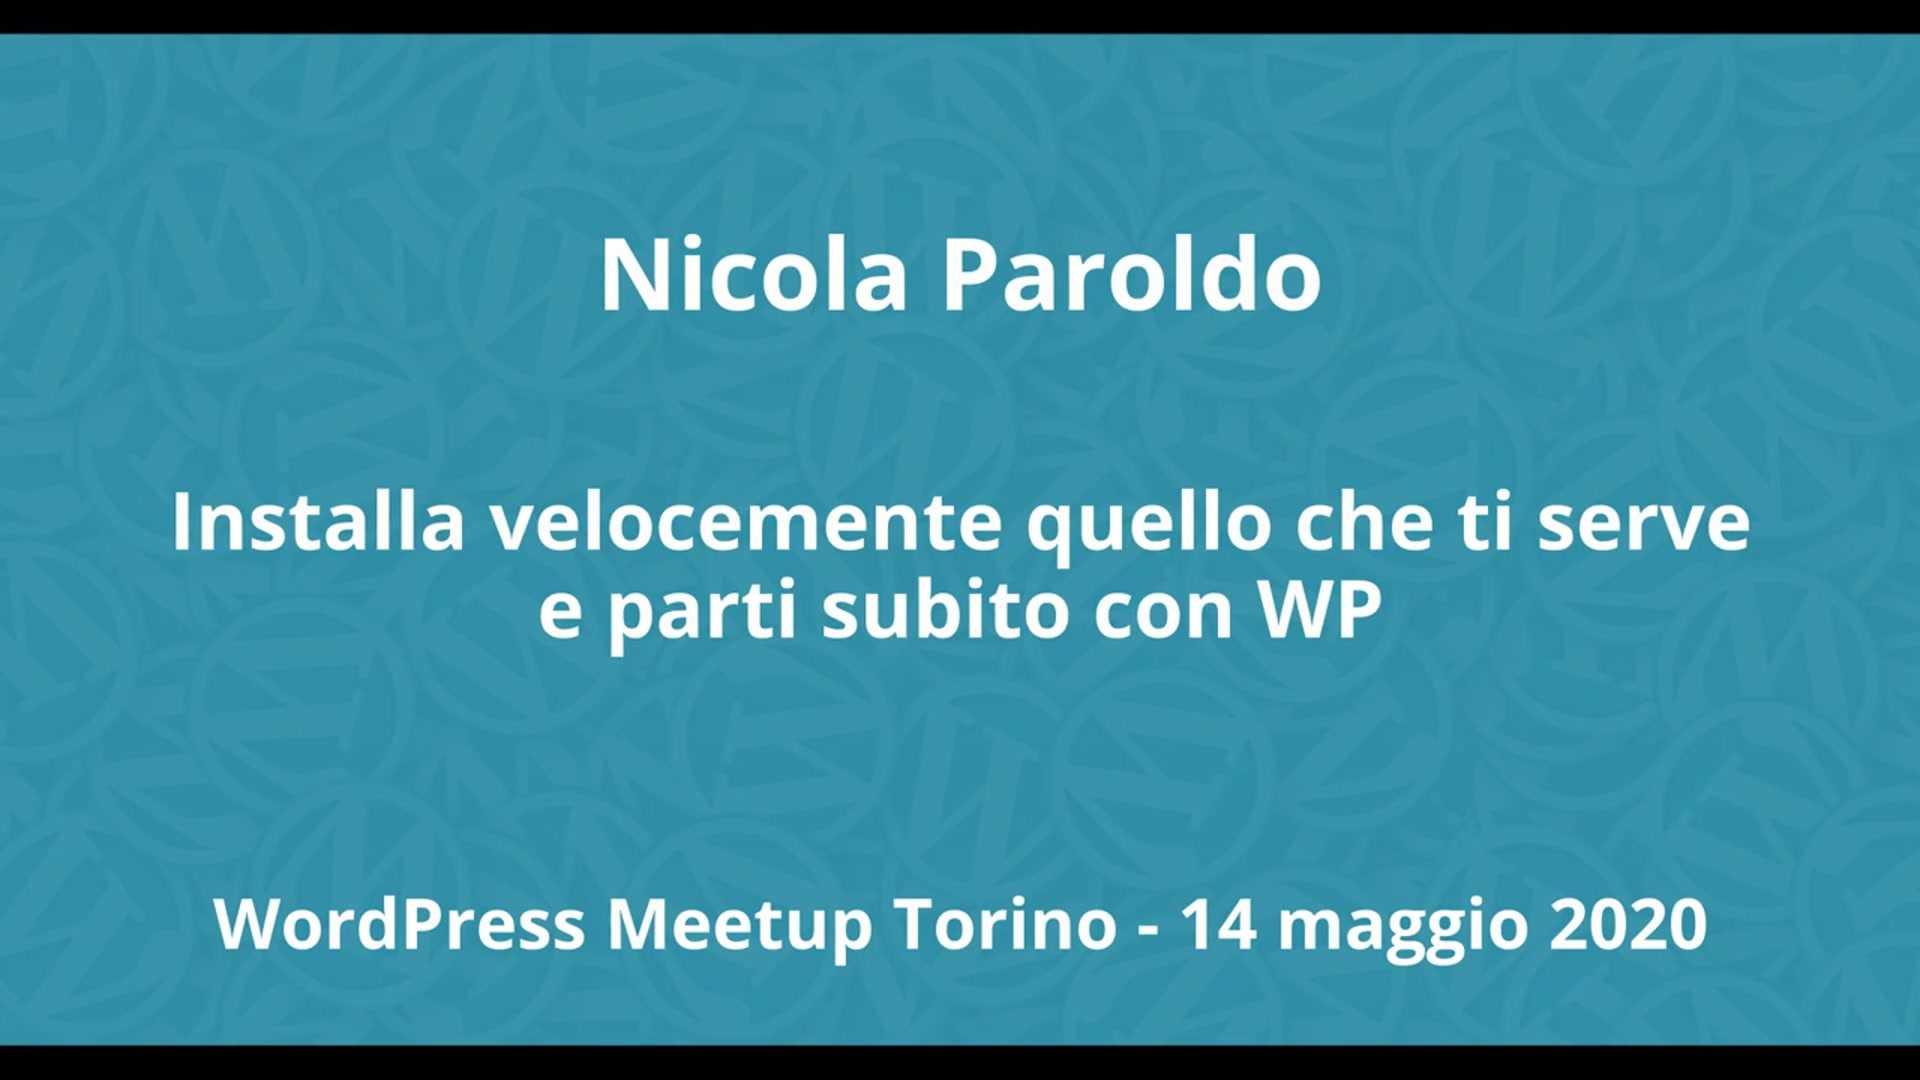 Nicola Paroldo: Installa velocemente quello che ti serve e parti subito con WordPress